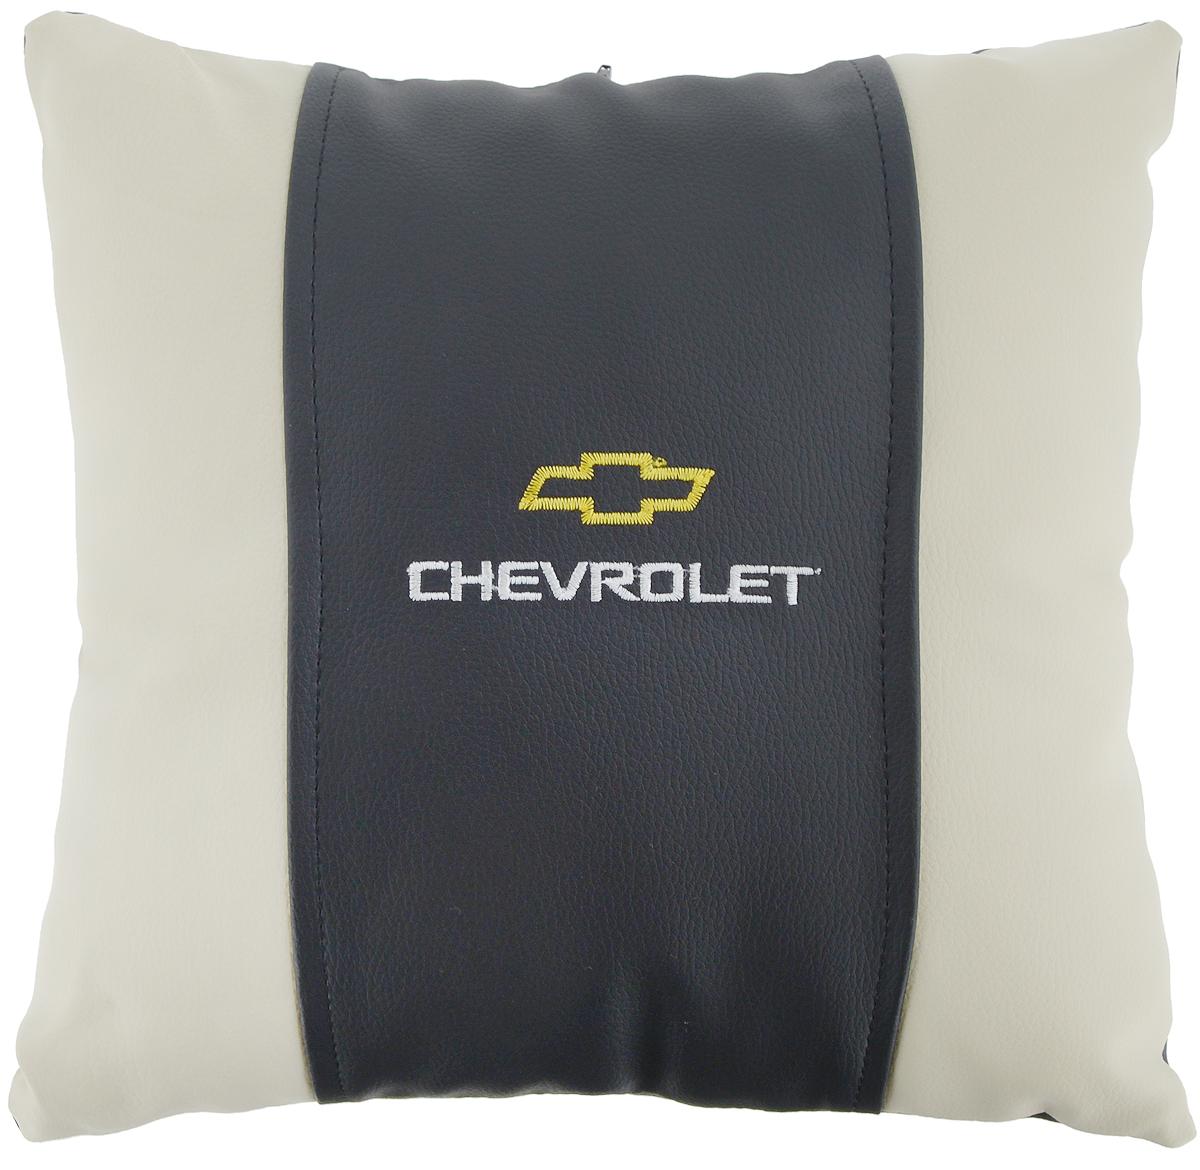 Подушка на сиденье Autoparts Chevrolet, 30 х 30 смМ046Подушка на сиденье Autoparts Chevrolet создана для тех, кто весь свой день вынужден проводить за рулем. Чехол выполнен из высококачественной дышащей экокожи. Наполнителем служит холлофайбер. На задней части подушки имеется змейка.Особенности подушки:- Хорошо проветривается.- Предупреждает потение.- Поддерживает комфортную температуру.- Обминается по форме тела.- Улучшает кровообращение.- Исключает затечные явления.- Предупреждает развитие заболеваний, связанных с сидячим образом жизни. Подушка также будет полезна и дома - при работе за компьютером, школьникам - при выполнении домашних работ, да и в любимом кресле перед телевизором.